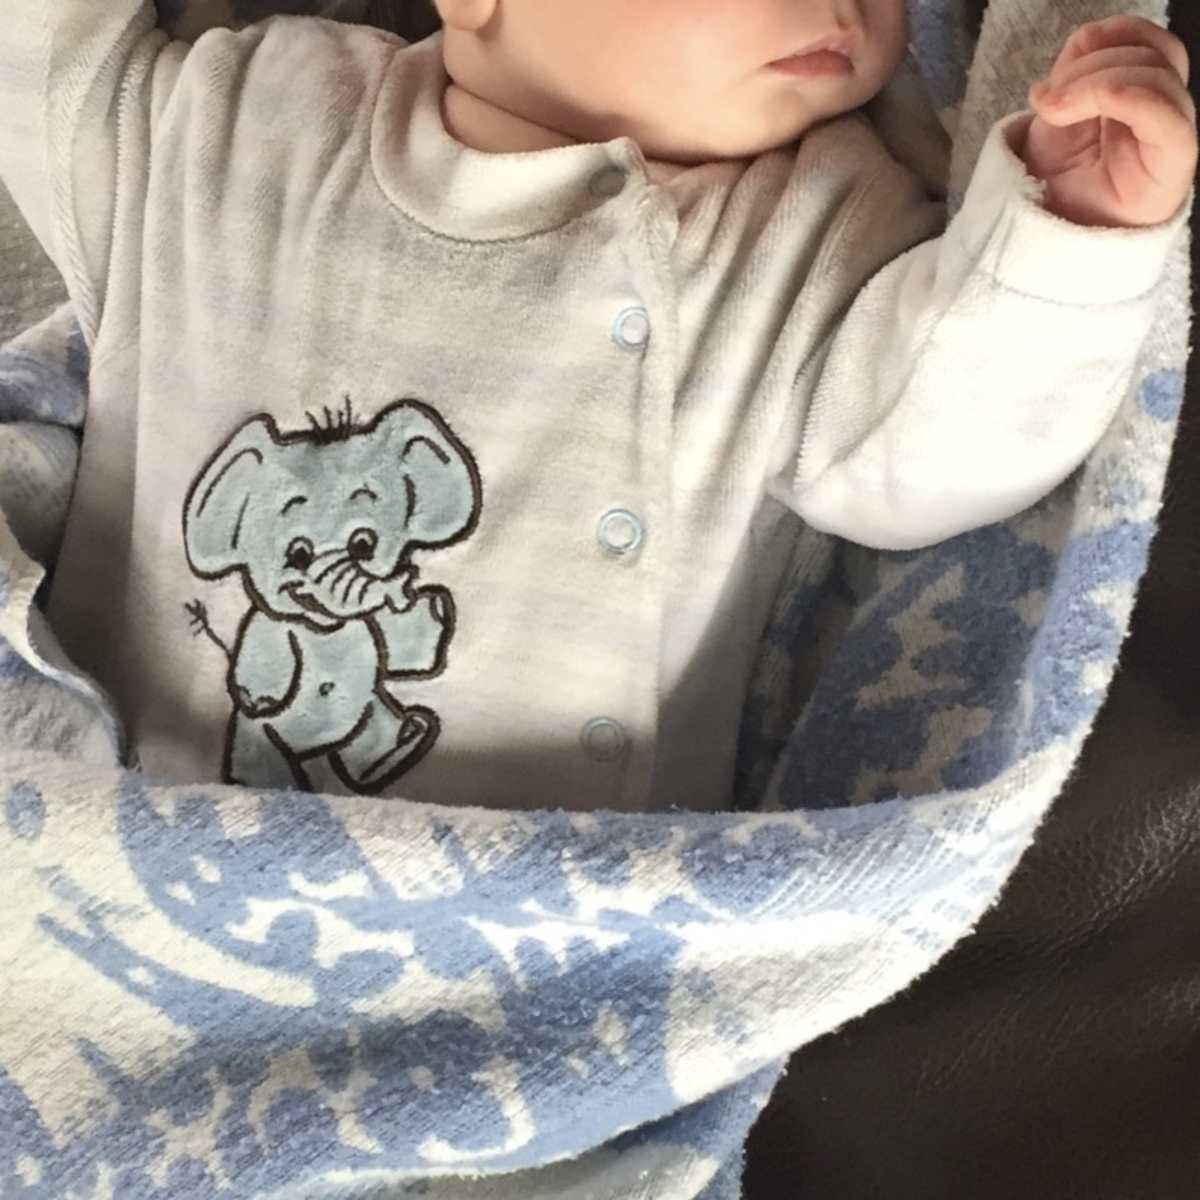 Anzeige – Tipps für Babys Erstausstattung – Kleidung